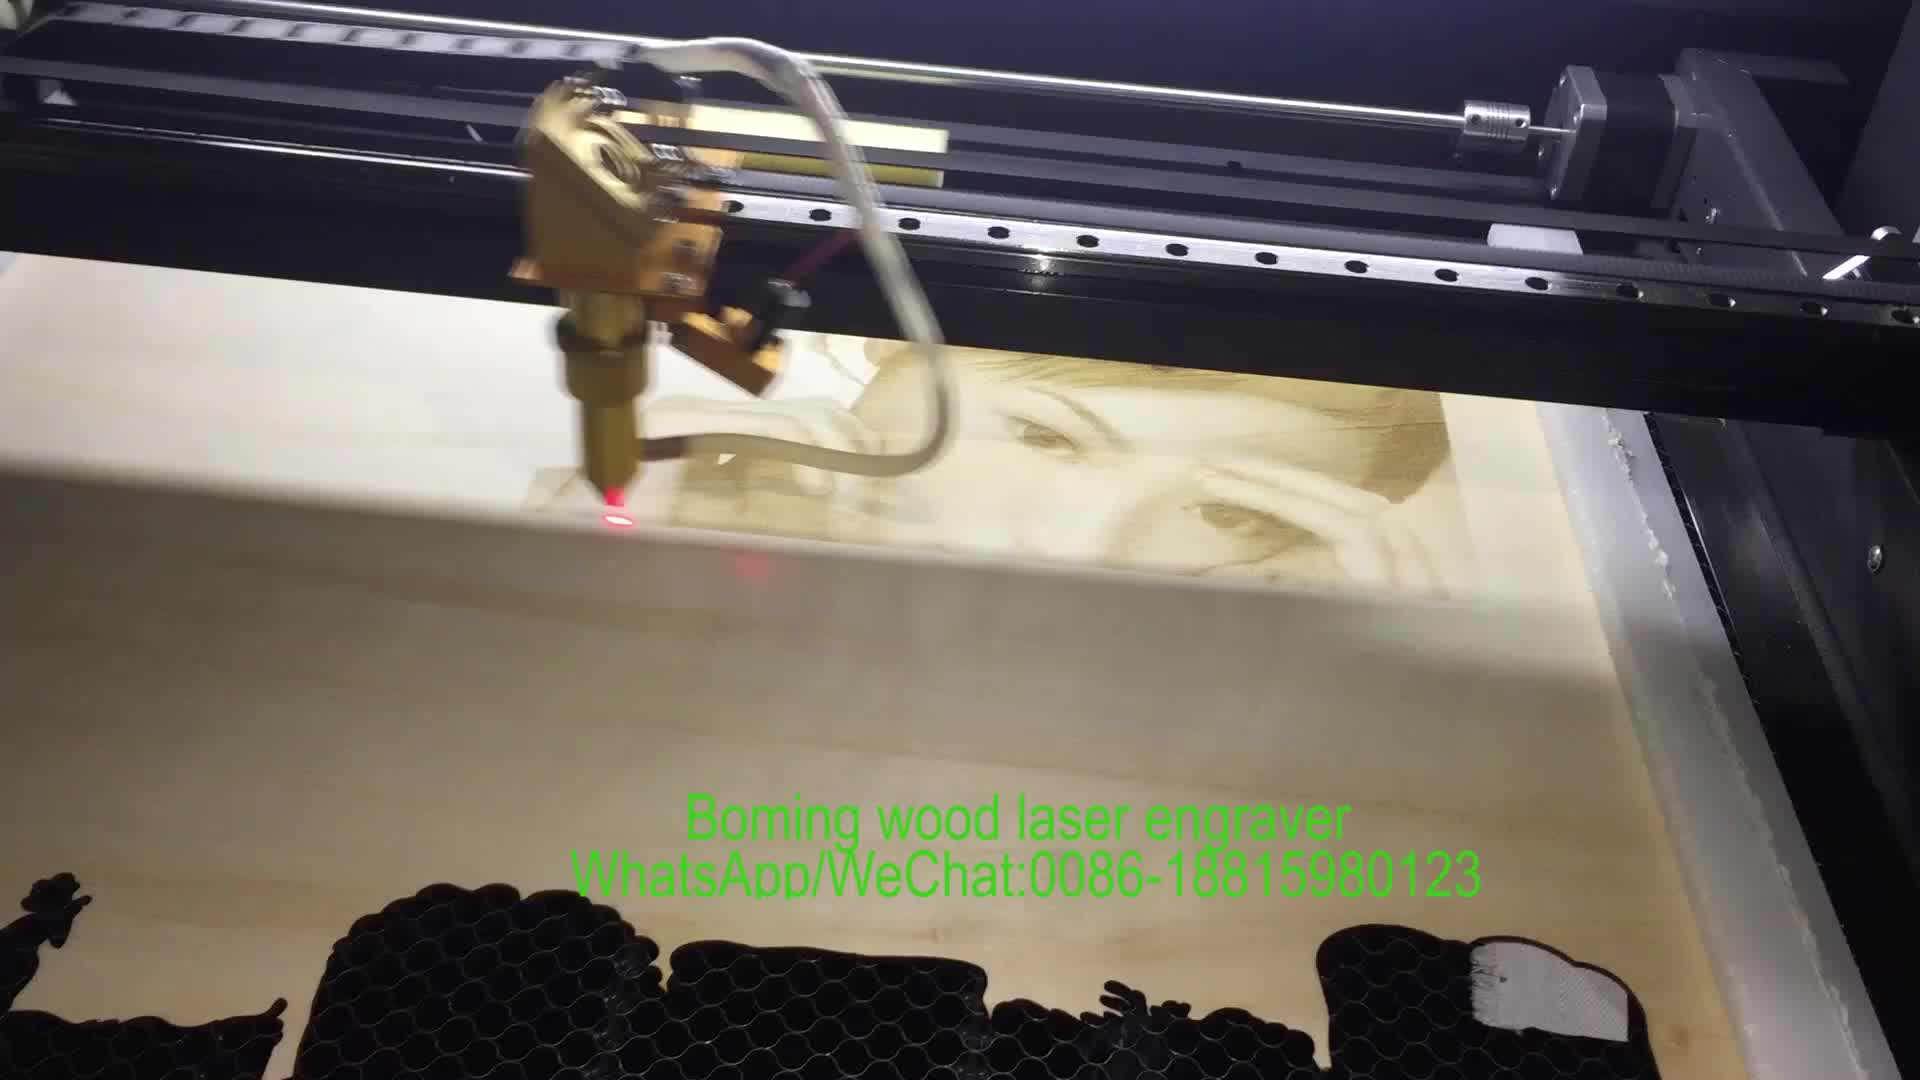 アフリカバイヤー 6090 1280 1390 cnc 3d co2 ミニレーザープリンタ彫刻木材ペンゴム発泡